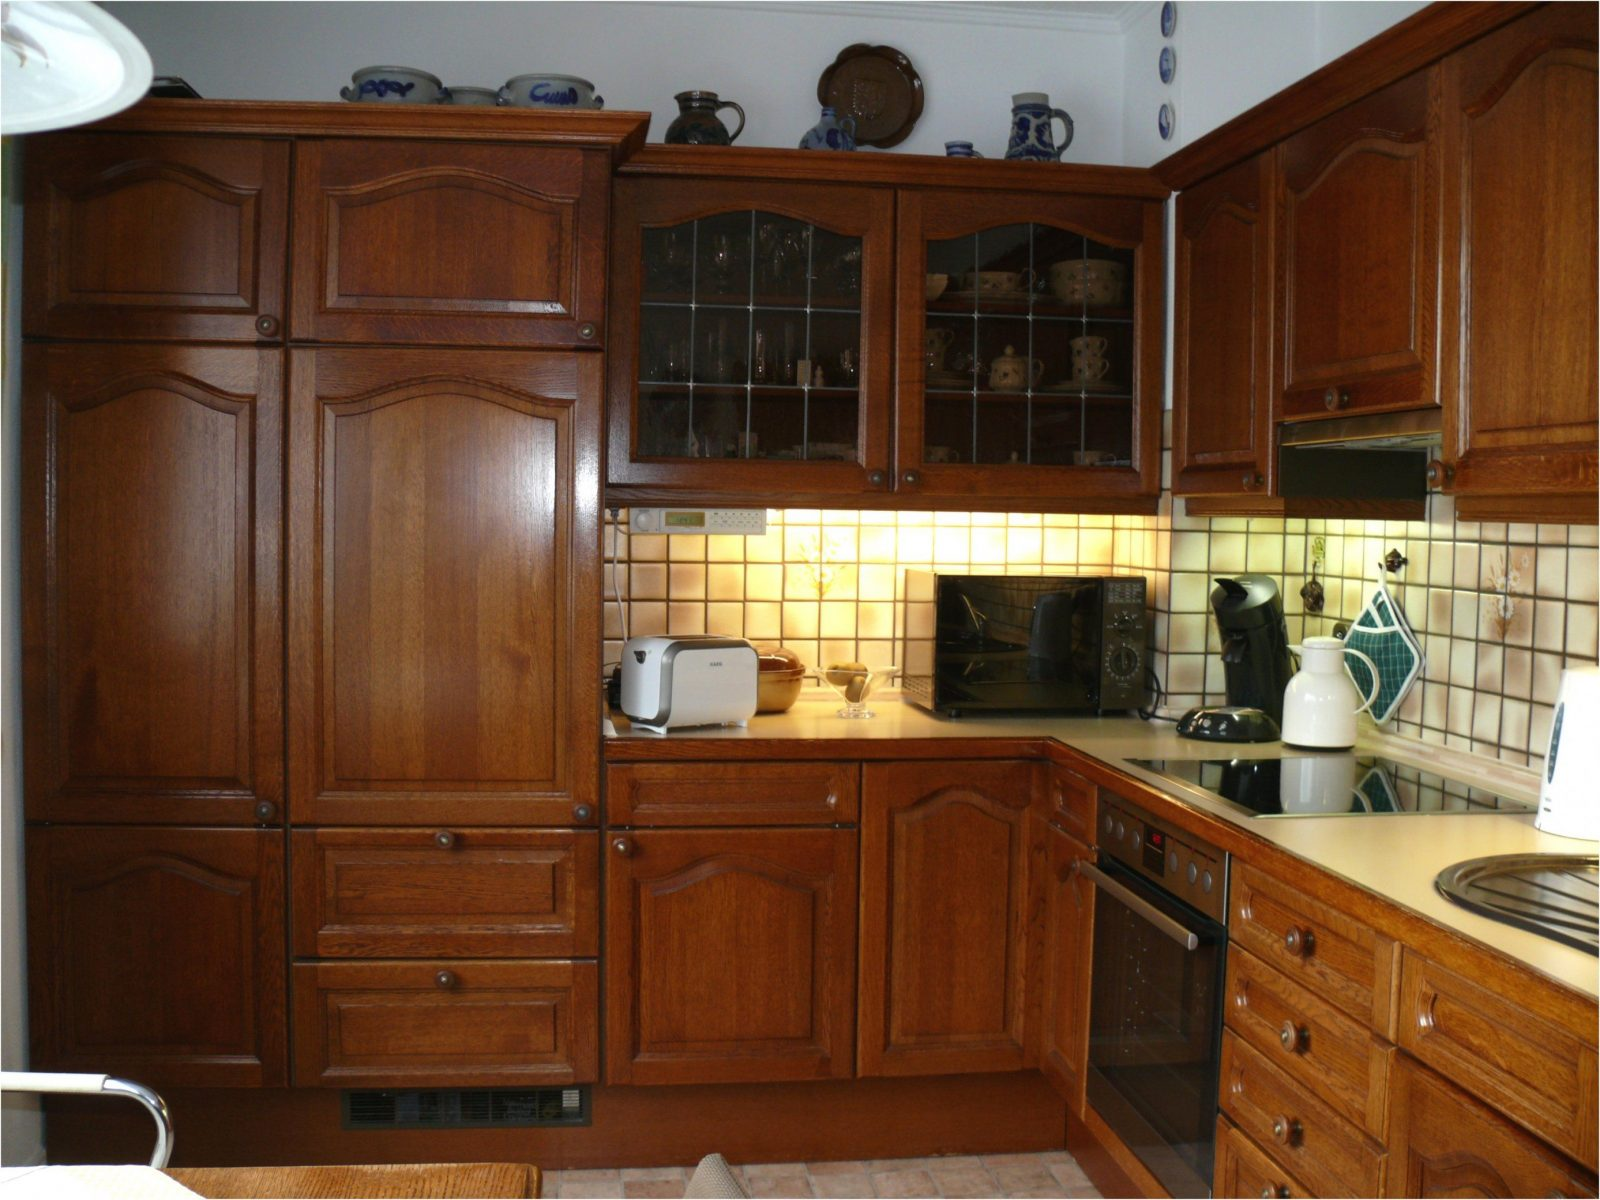 Fantastische Ideen Küche Eiche Rustikal Weiß Streichen Und Schöne von Küche Eiche Rustikal Aufpeppen Photo